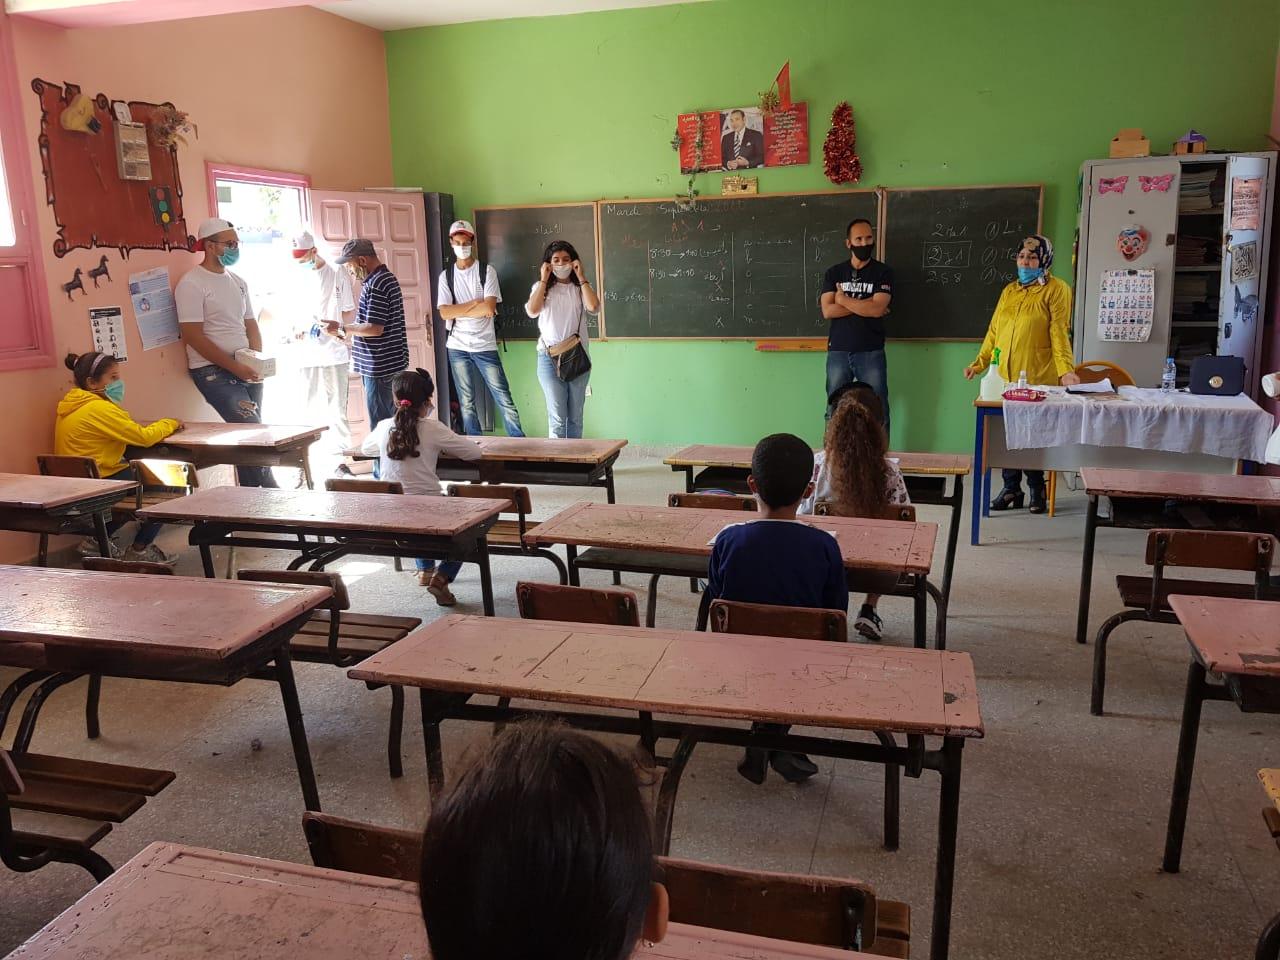 مدرسة ابن حمديس بآزمور تفعل مضامين التدابير الاحترازية بدخول مدرسي ناجح